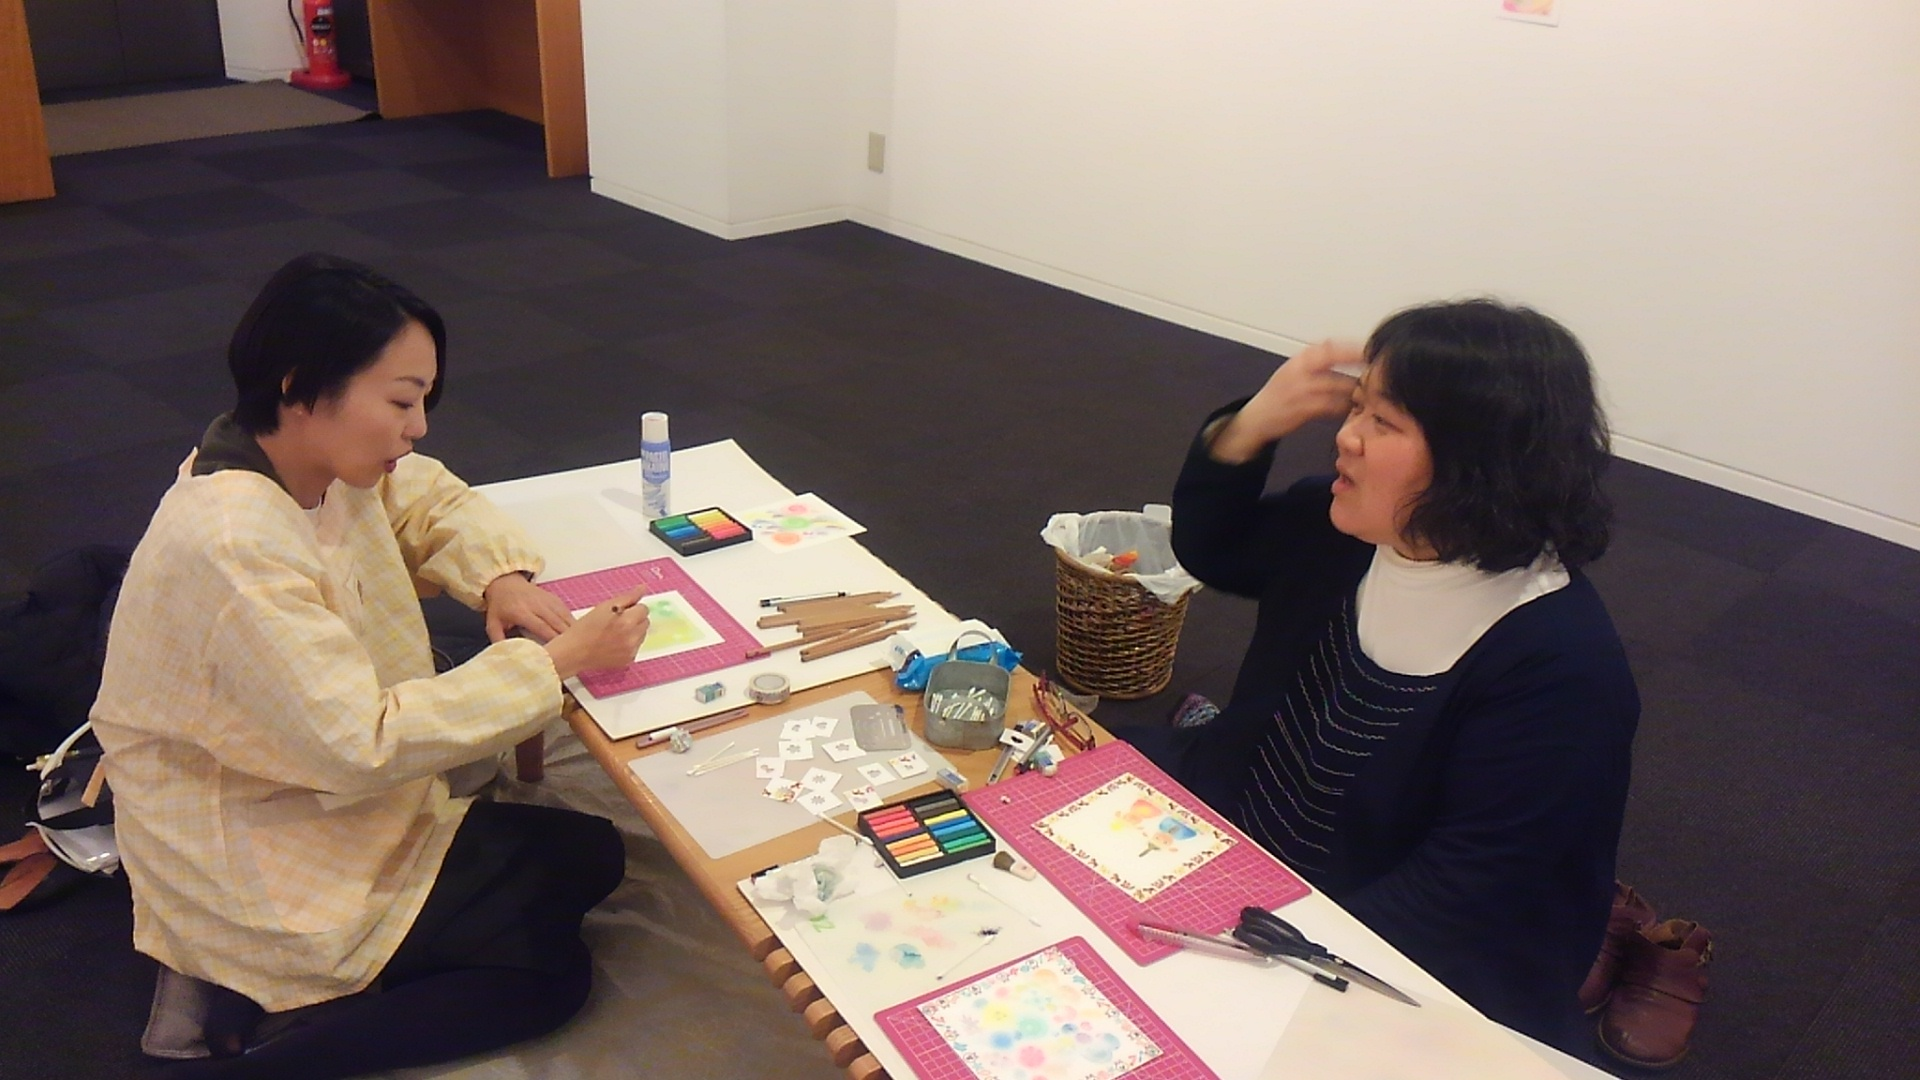 京都ぎゃらりぃ西利さんで三人展しました。_a0088827_18362203.jpg